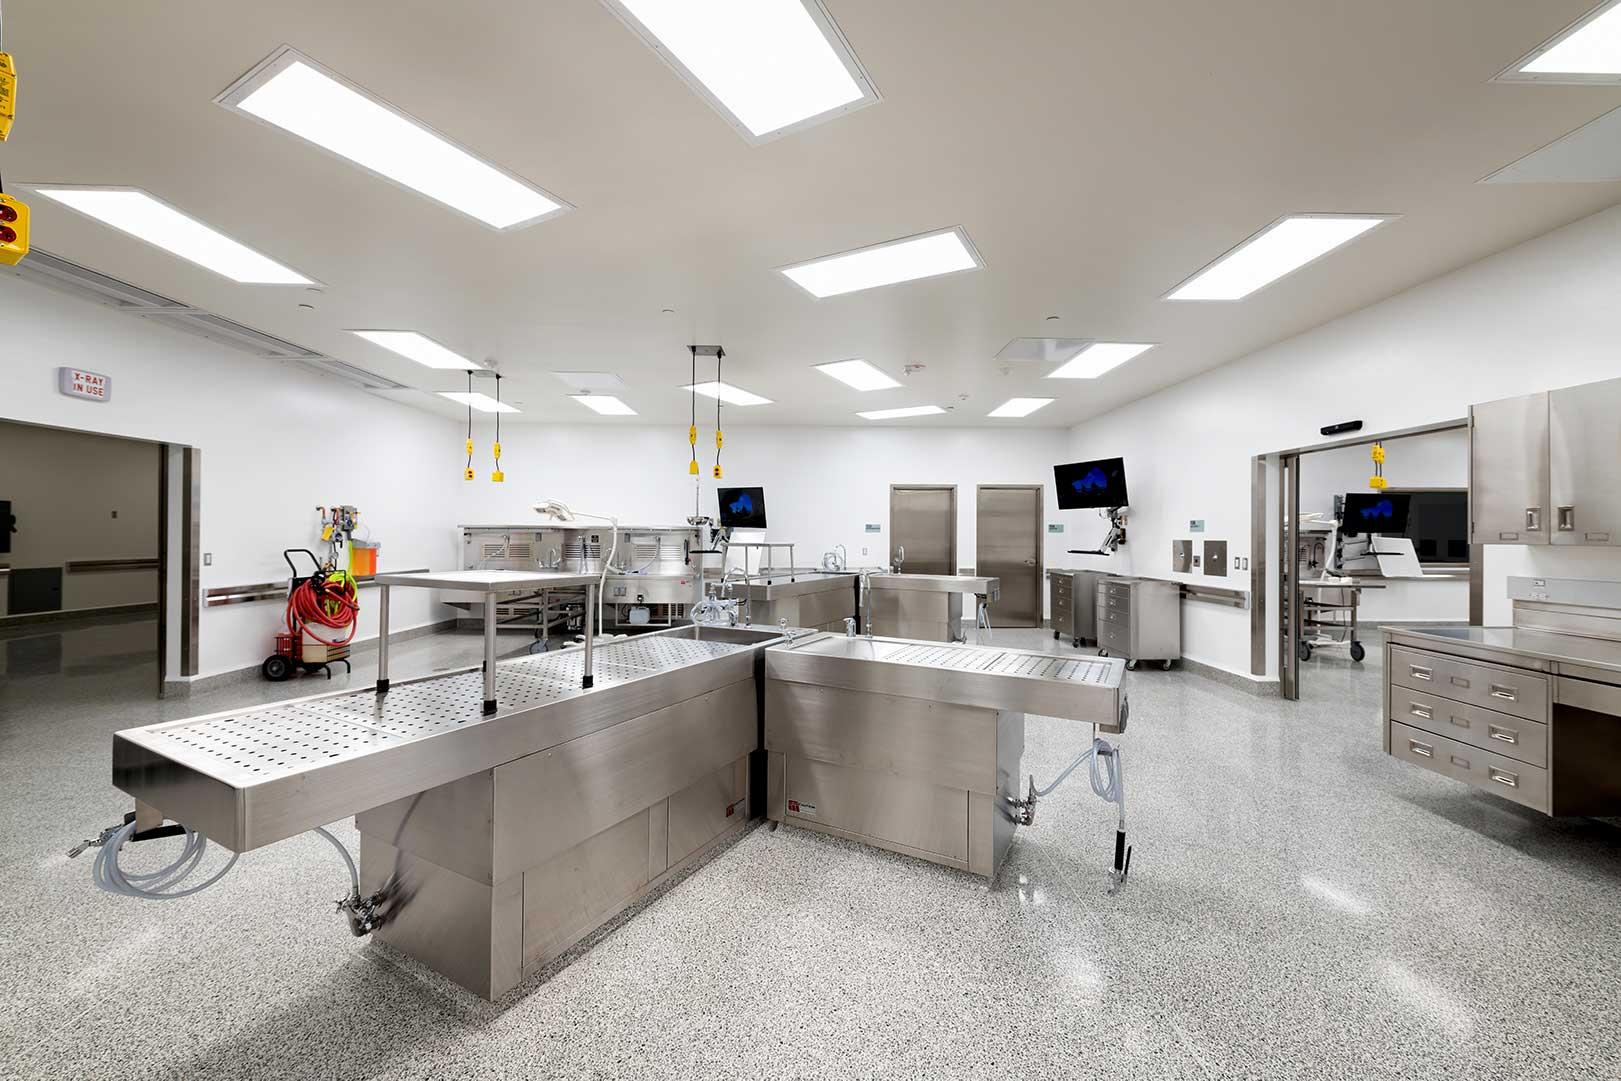 Spokane County Medical Examiner Facility